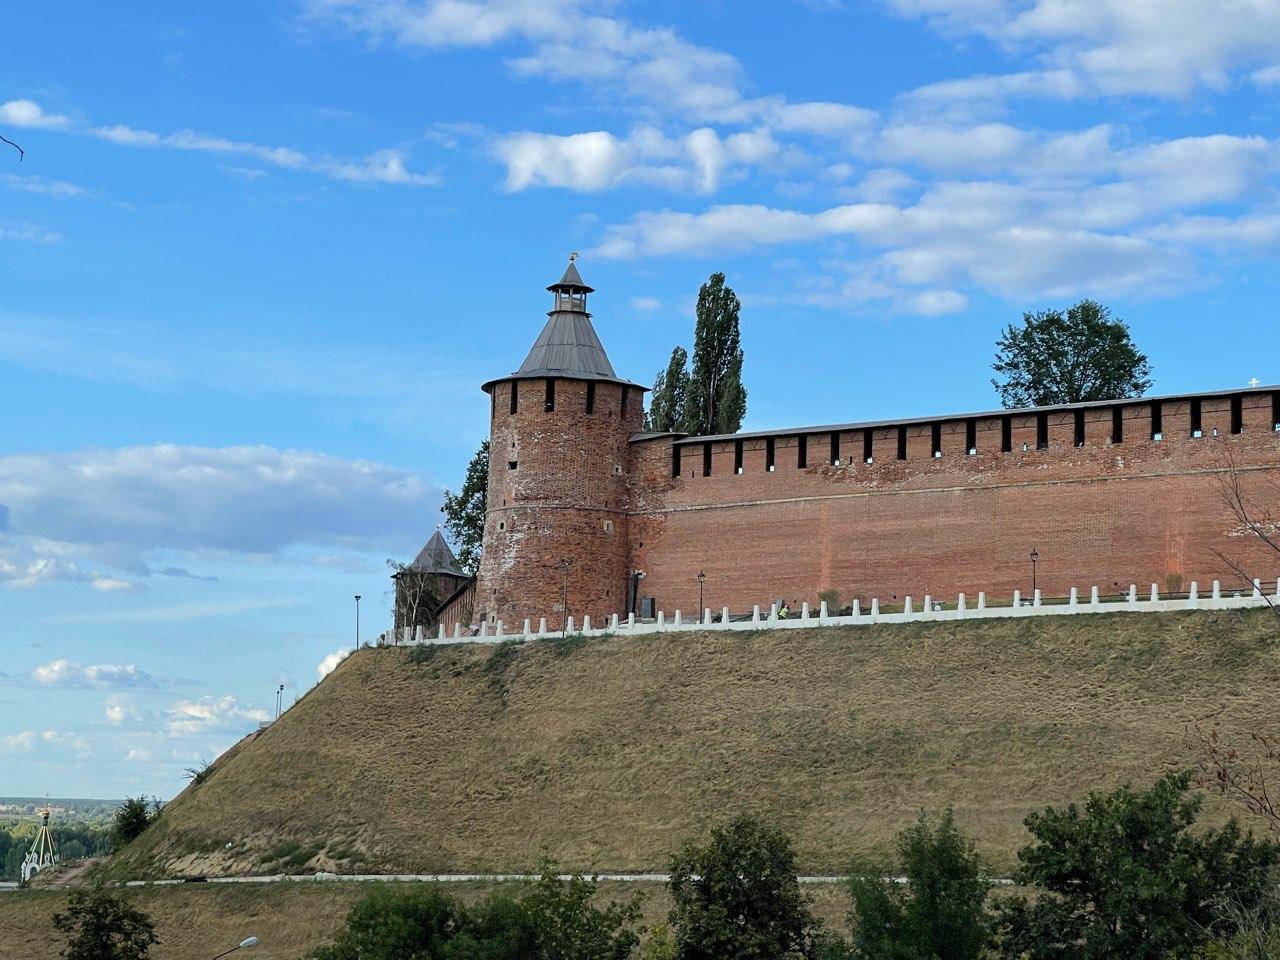 Кольцевой маршрут по стене Нижегородского кремля закроют на зиму - фото 1